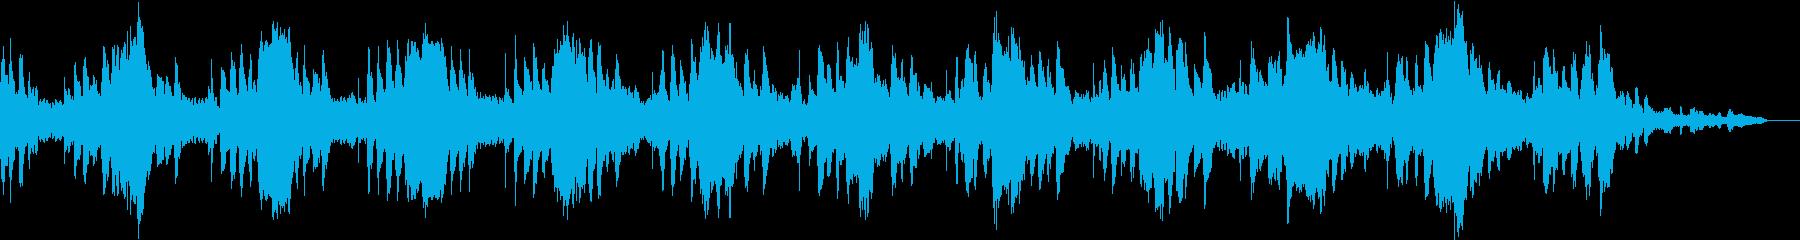 温かいサウンドが心地の良いヒーリング音楽の再生済みの波形